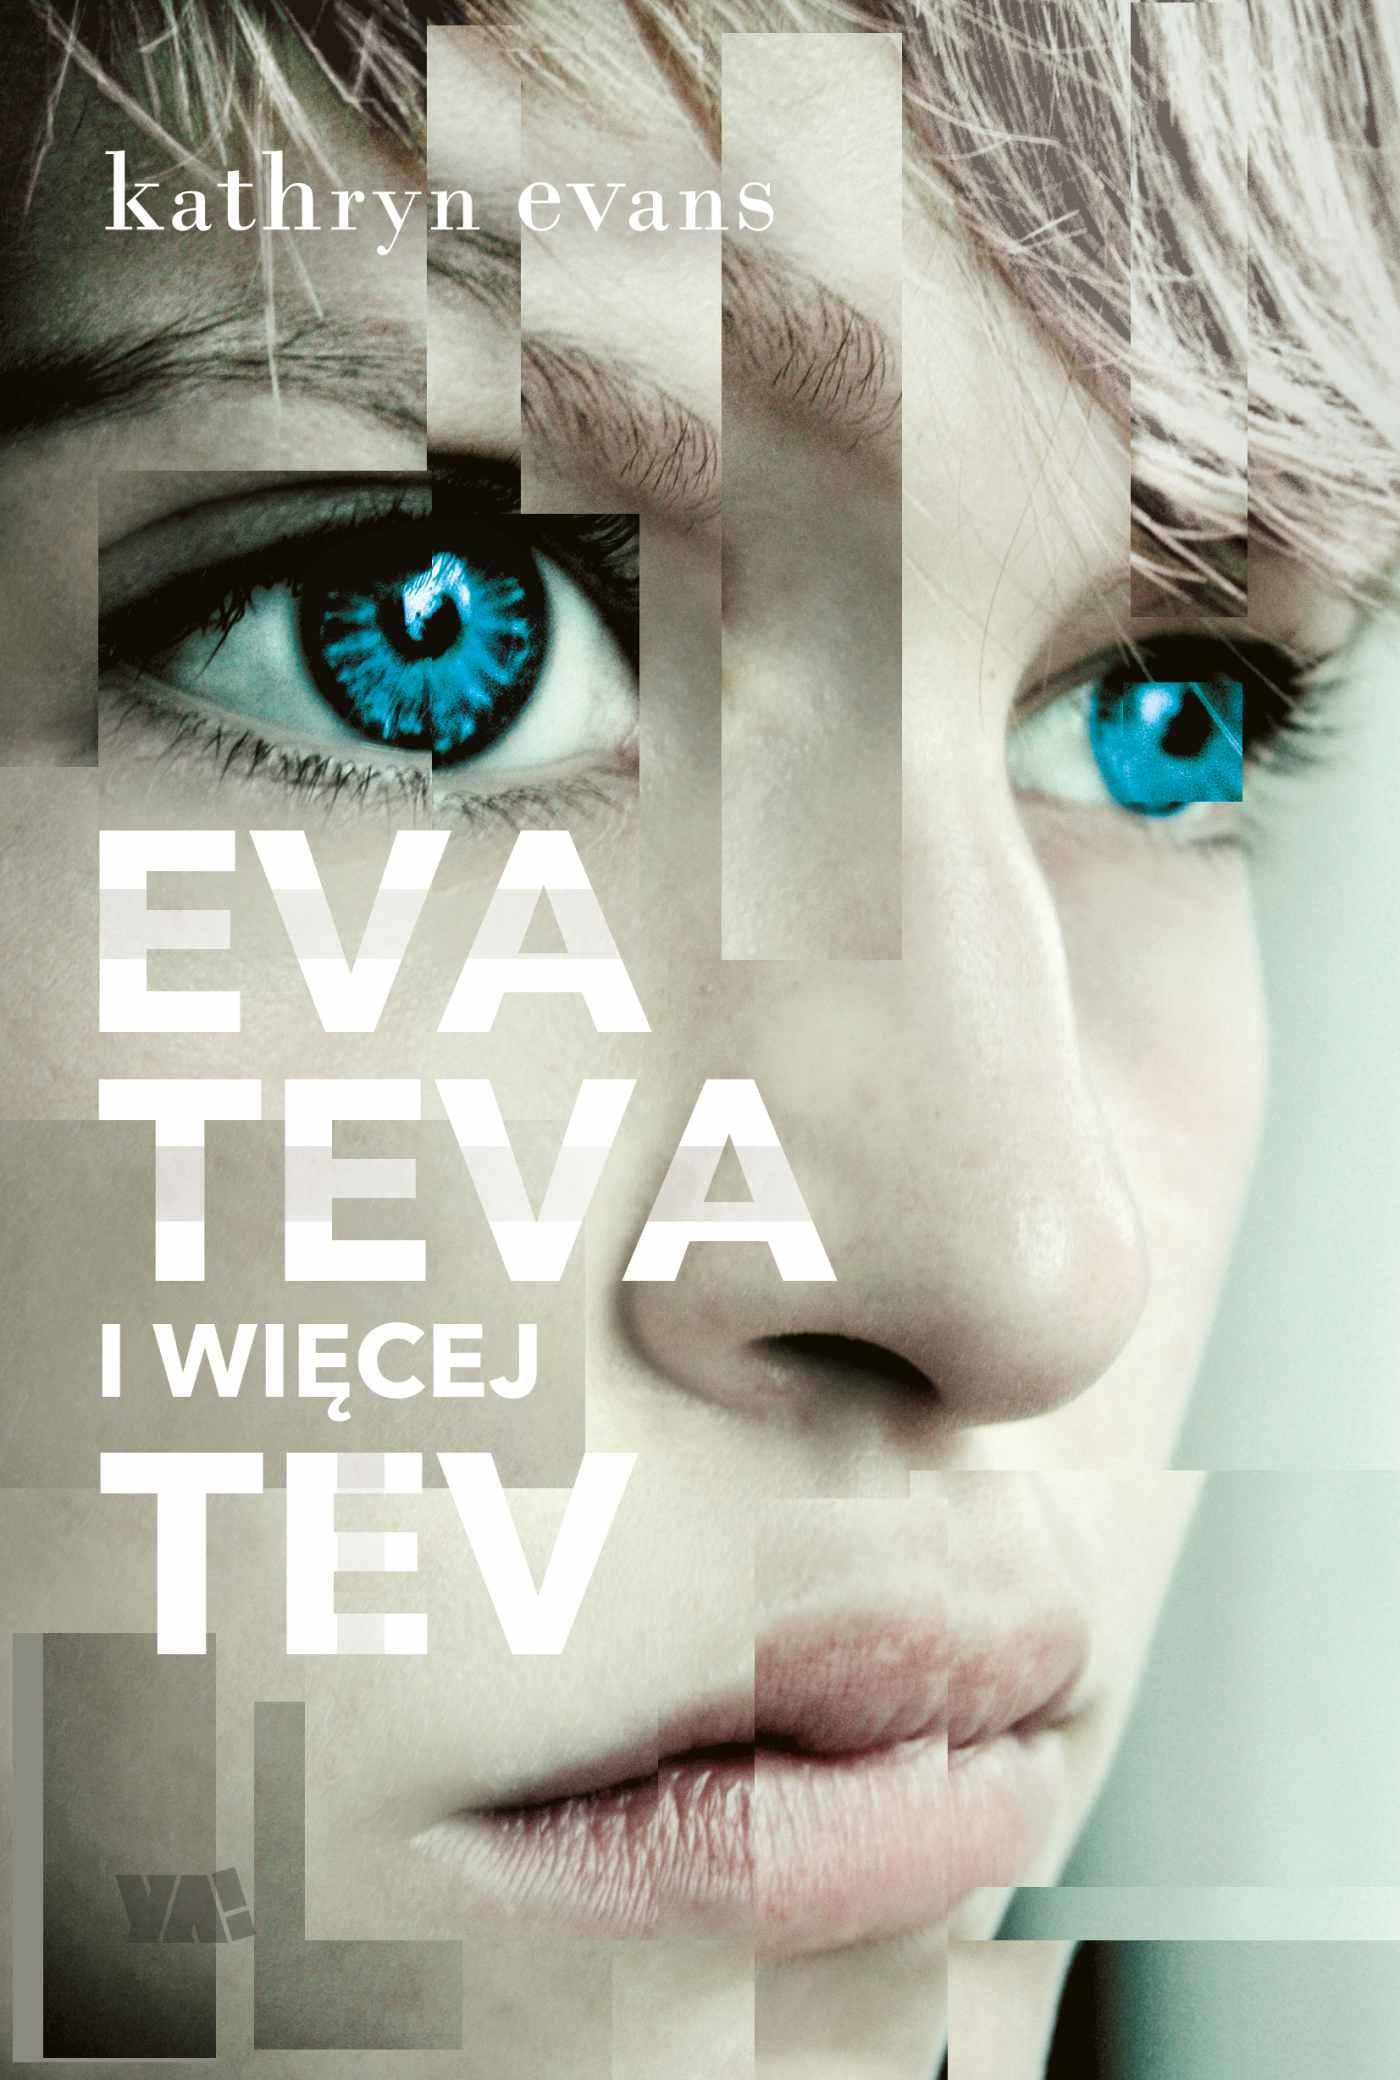 Eva, Teva i więcej Tev - Ebook (Książka na Kindle) do pobrania w formacie MOBI